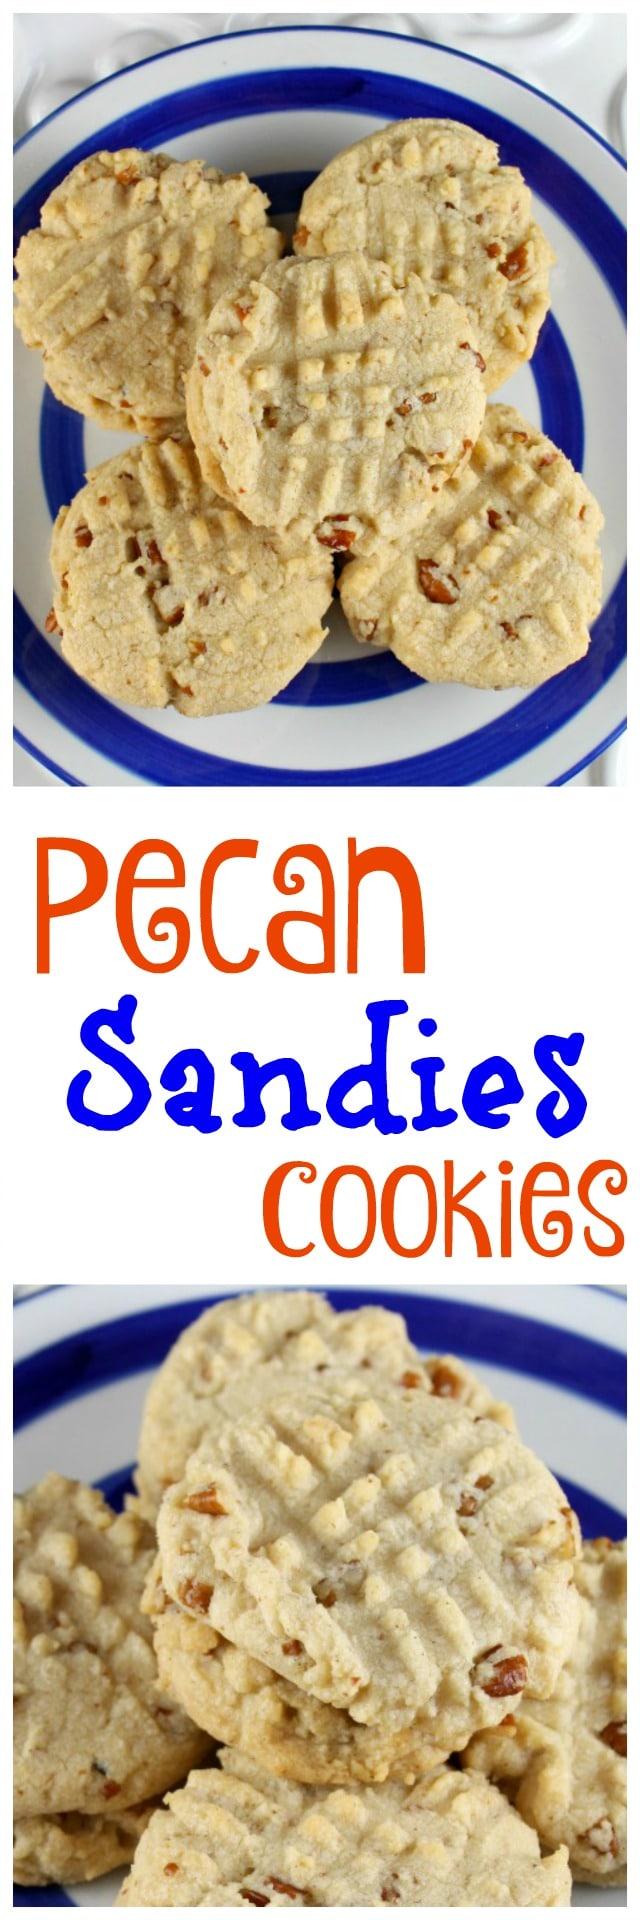 Pecan Sandies Cookies ~ Get the recipe at MissintheKitchen.com